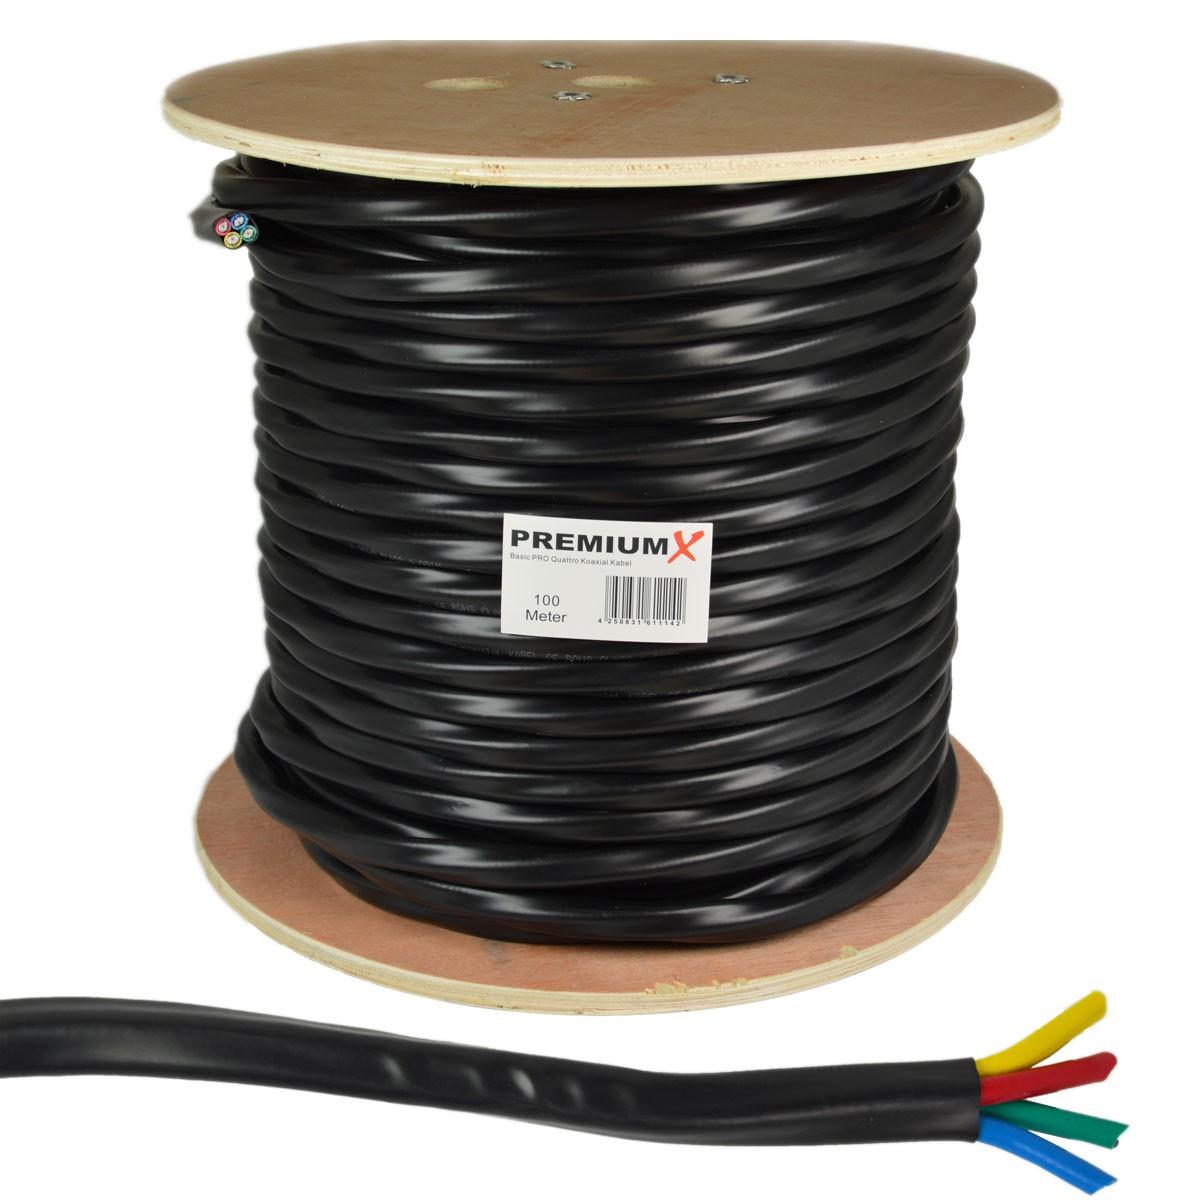 100m Antennenkabel 4-Fach für Quattro Quad Koaxial 4 in 1 Schwarz LNB Koax Kabel HDTV 3D